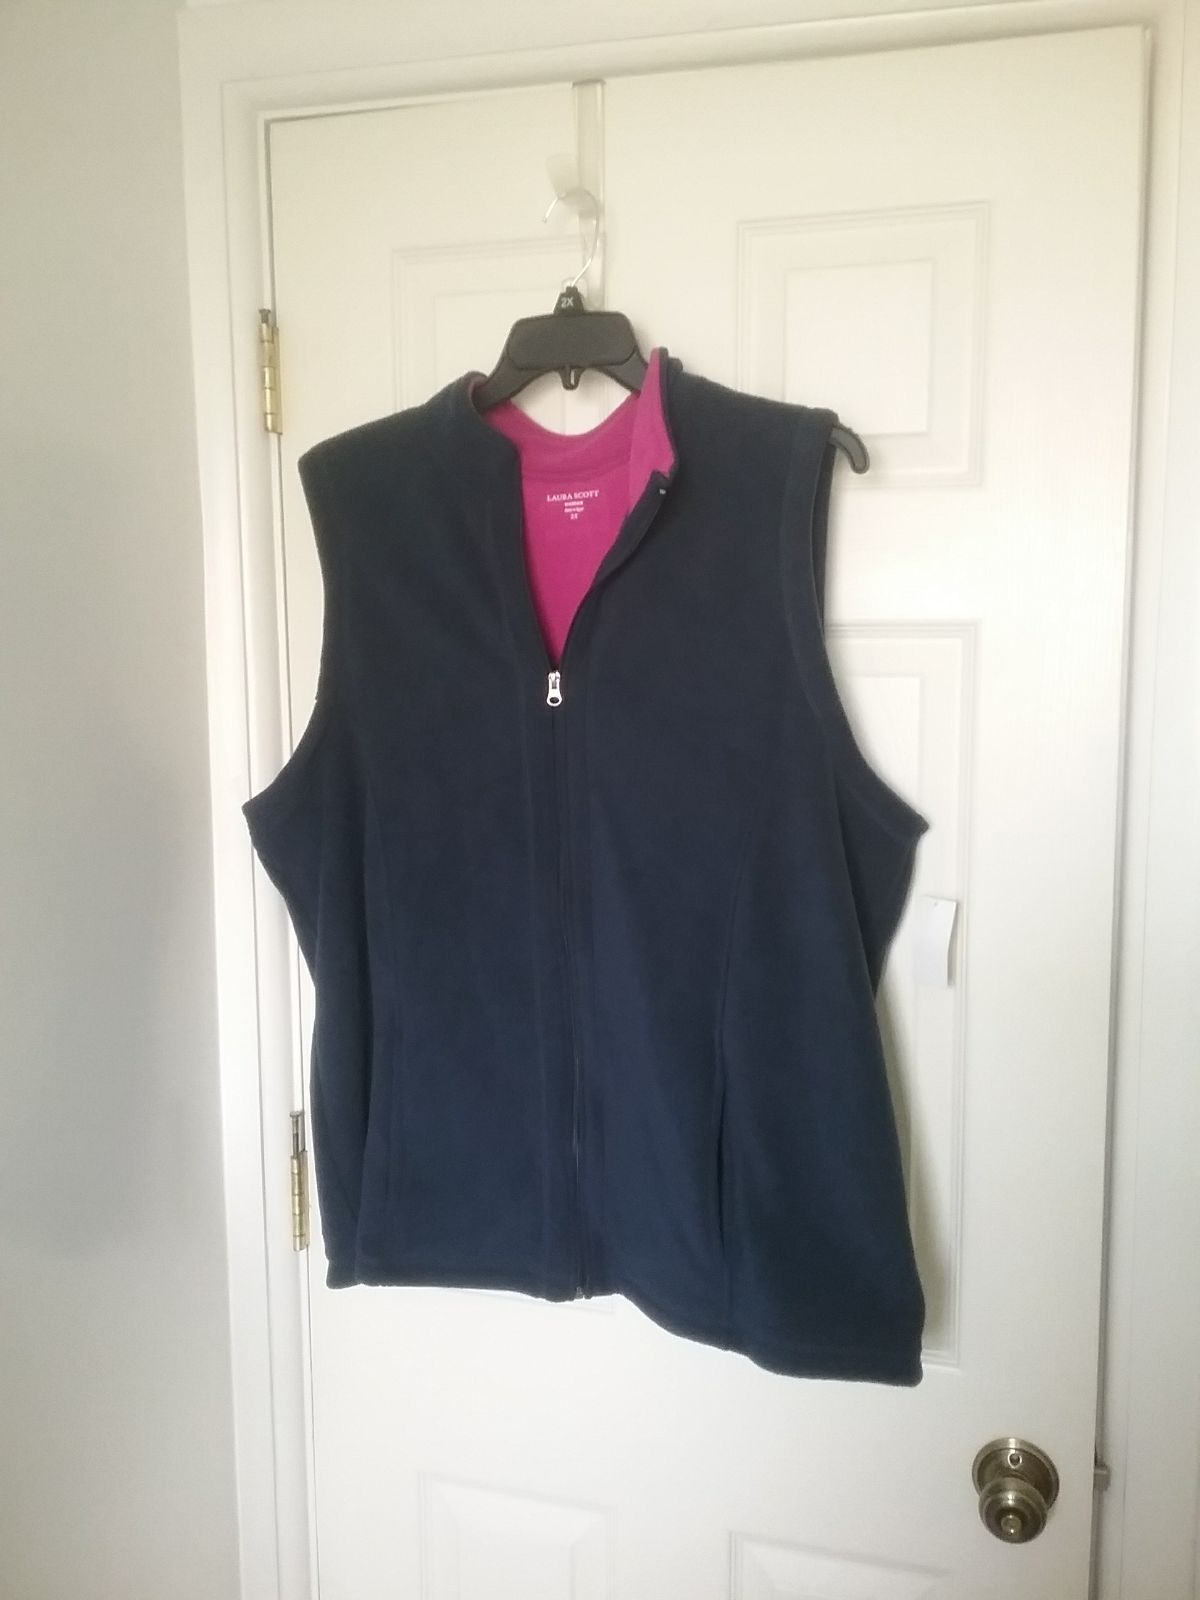 NWT Navy Fleece Vest 3X  Final Price